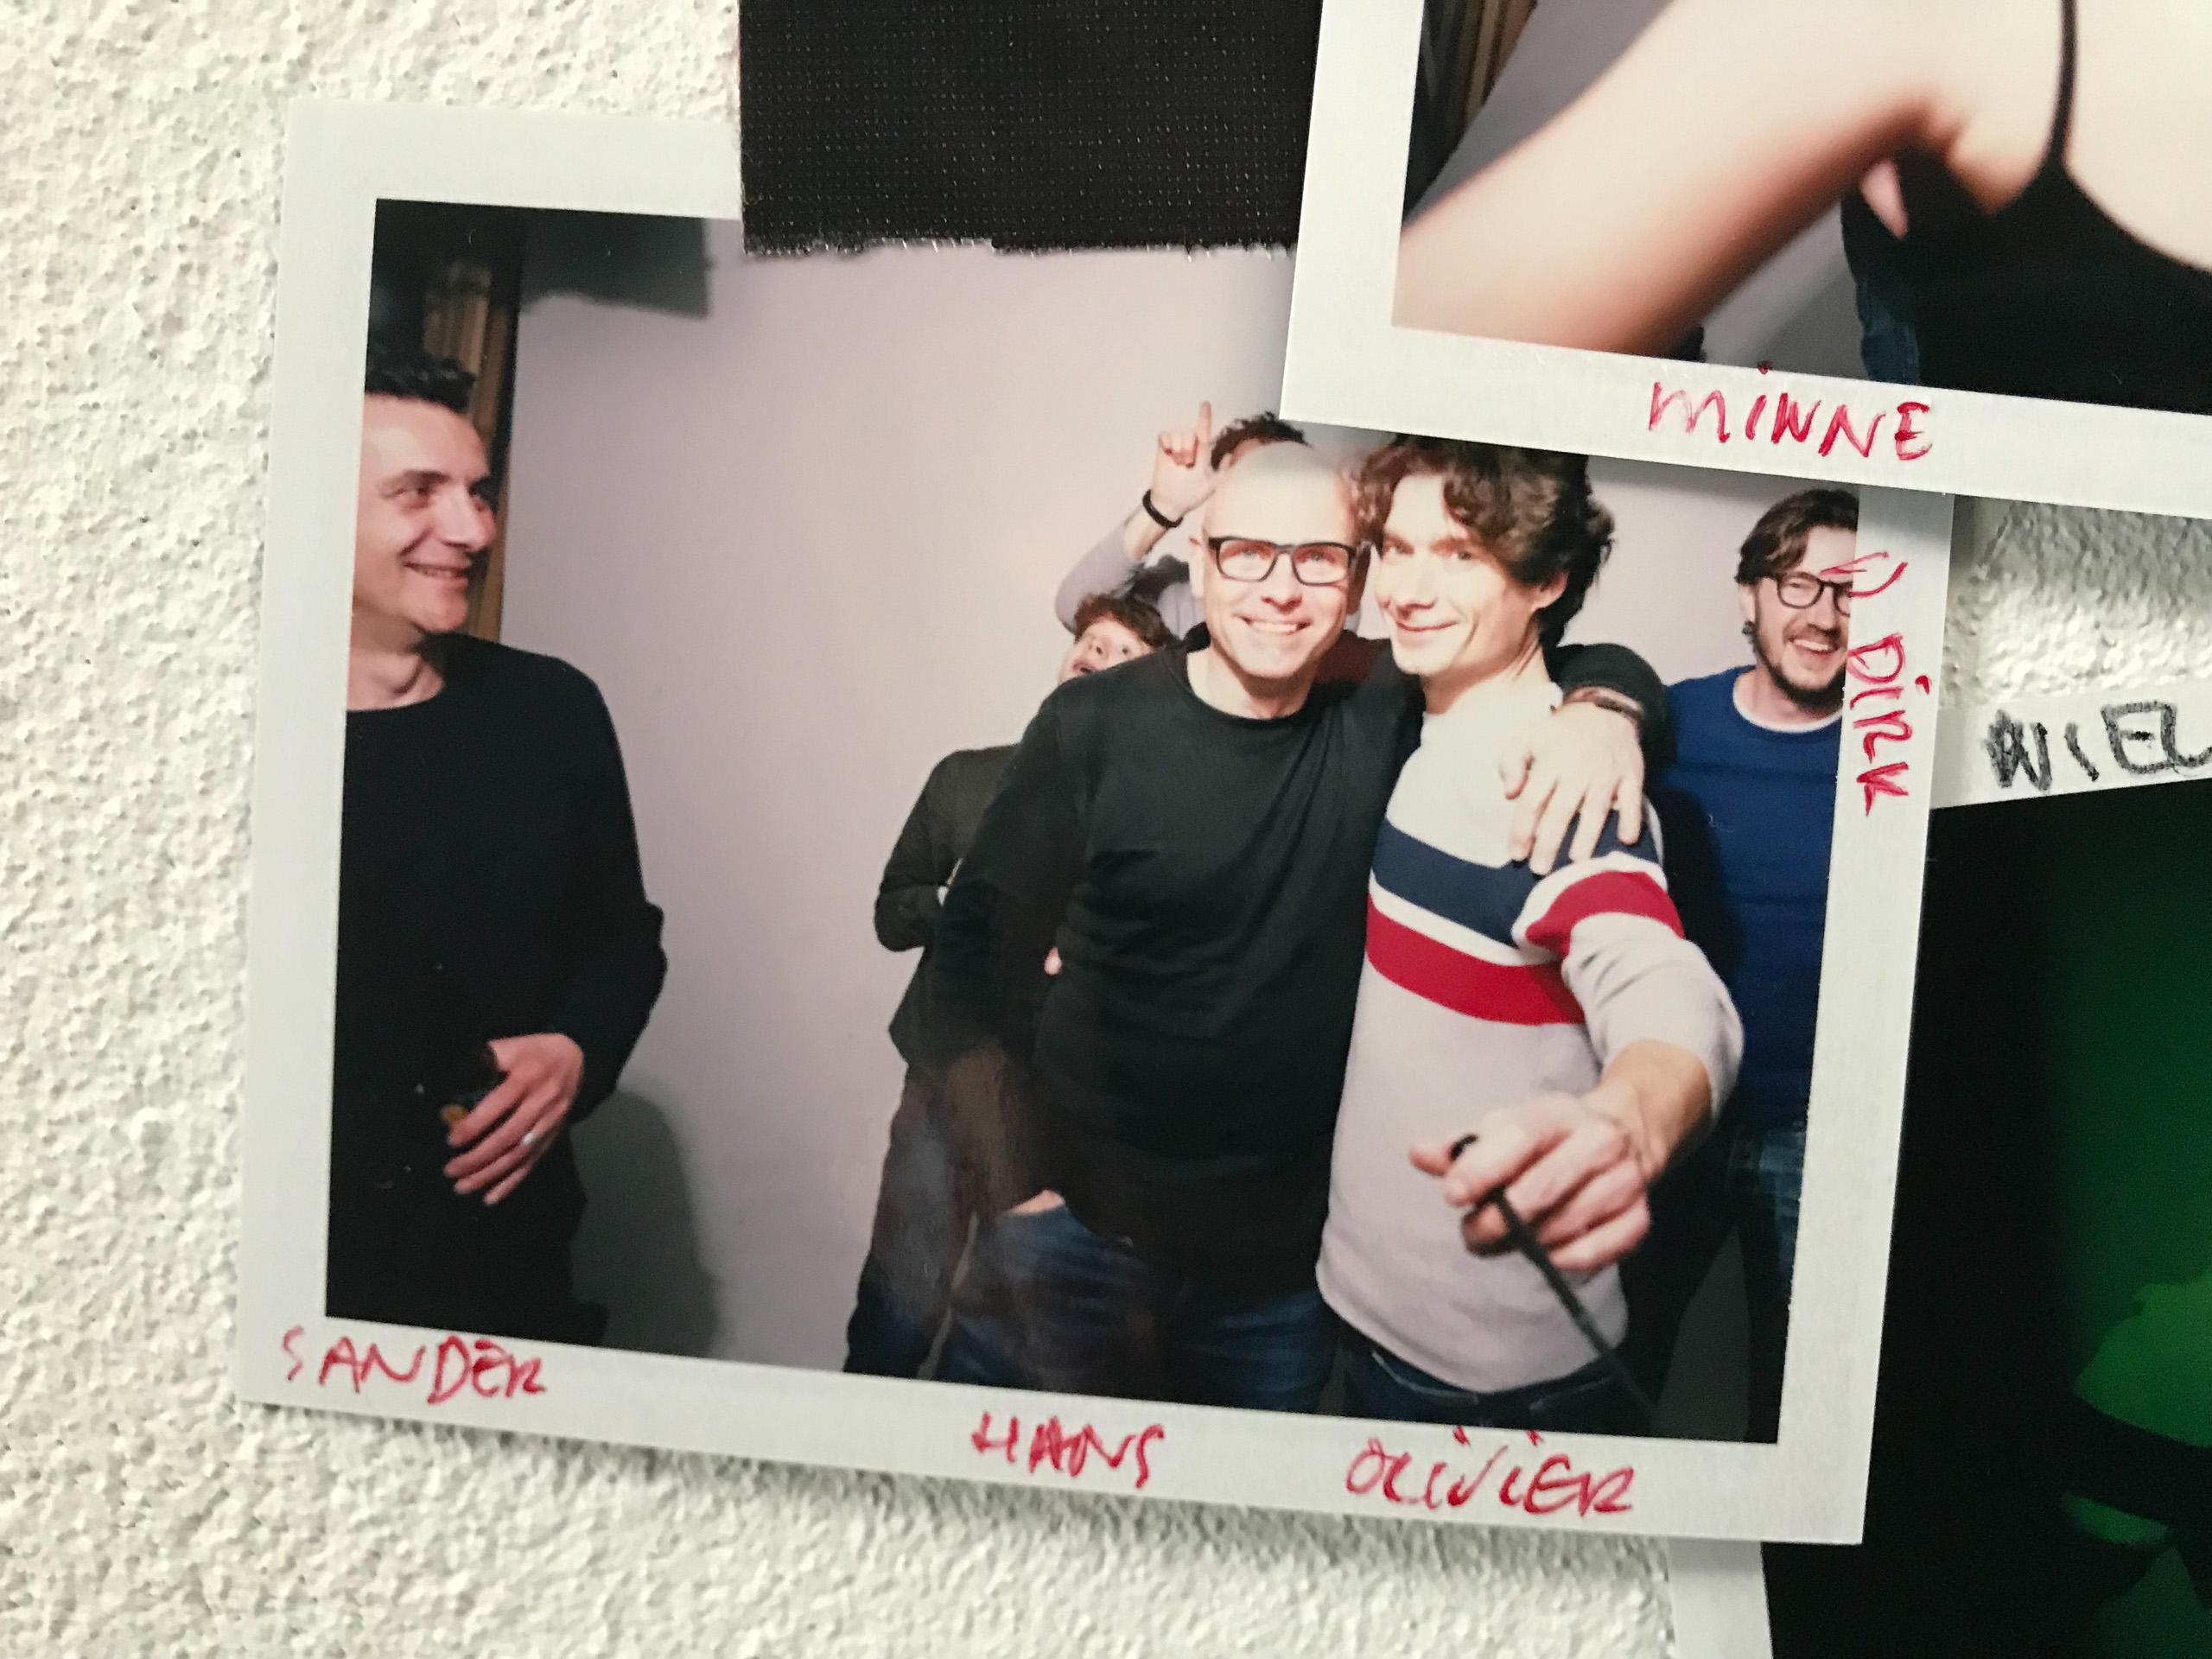 Food stylist fotografie van een groepsfoto inclusief Sander, Hans en Olivier gemaakt door Studio_m Fotograaf Amsterdam